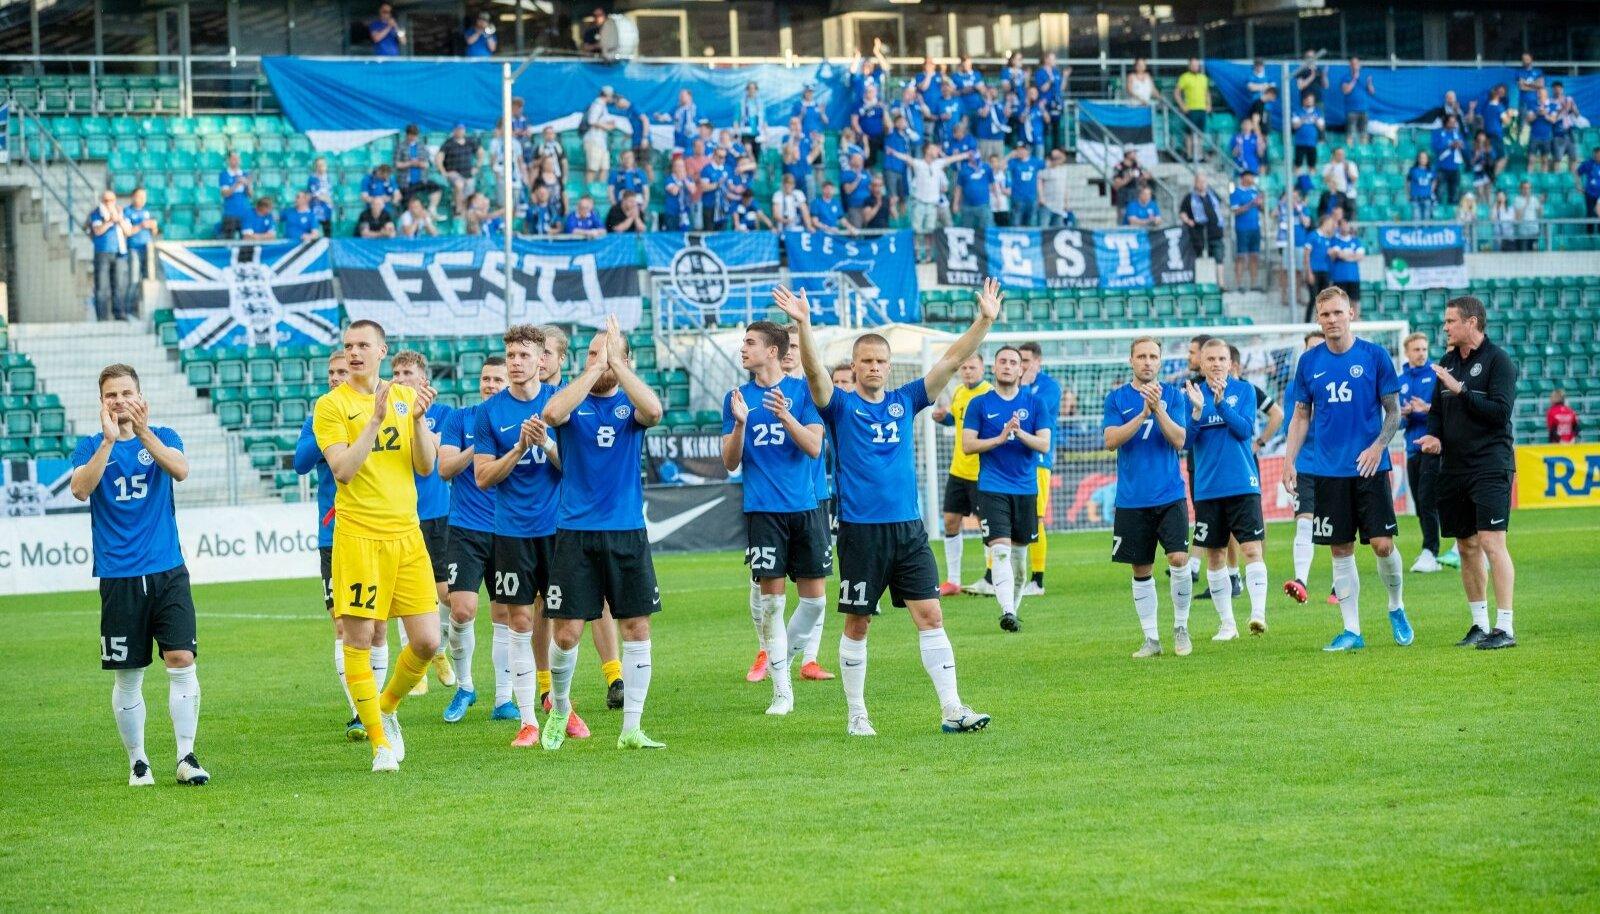 Eesti jalgpallikoondise mänge hakkab tulevikus nägema Viaplays.